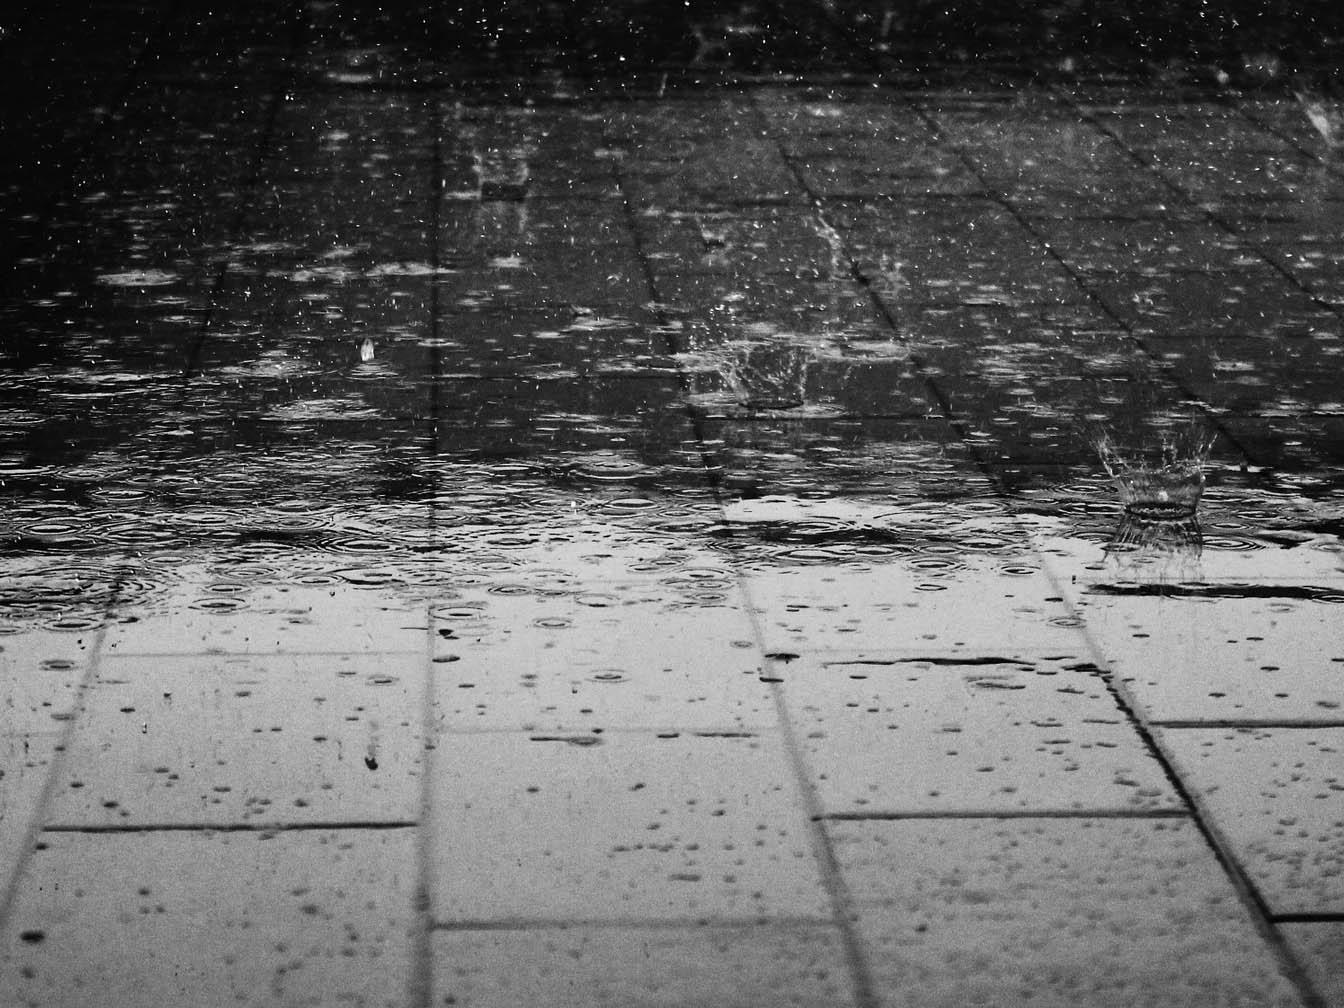 Eine vom Regen geflutete Straße.